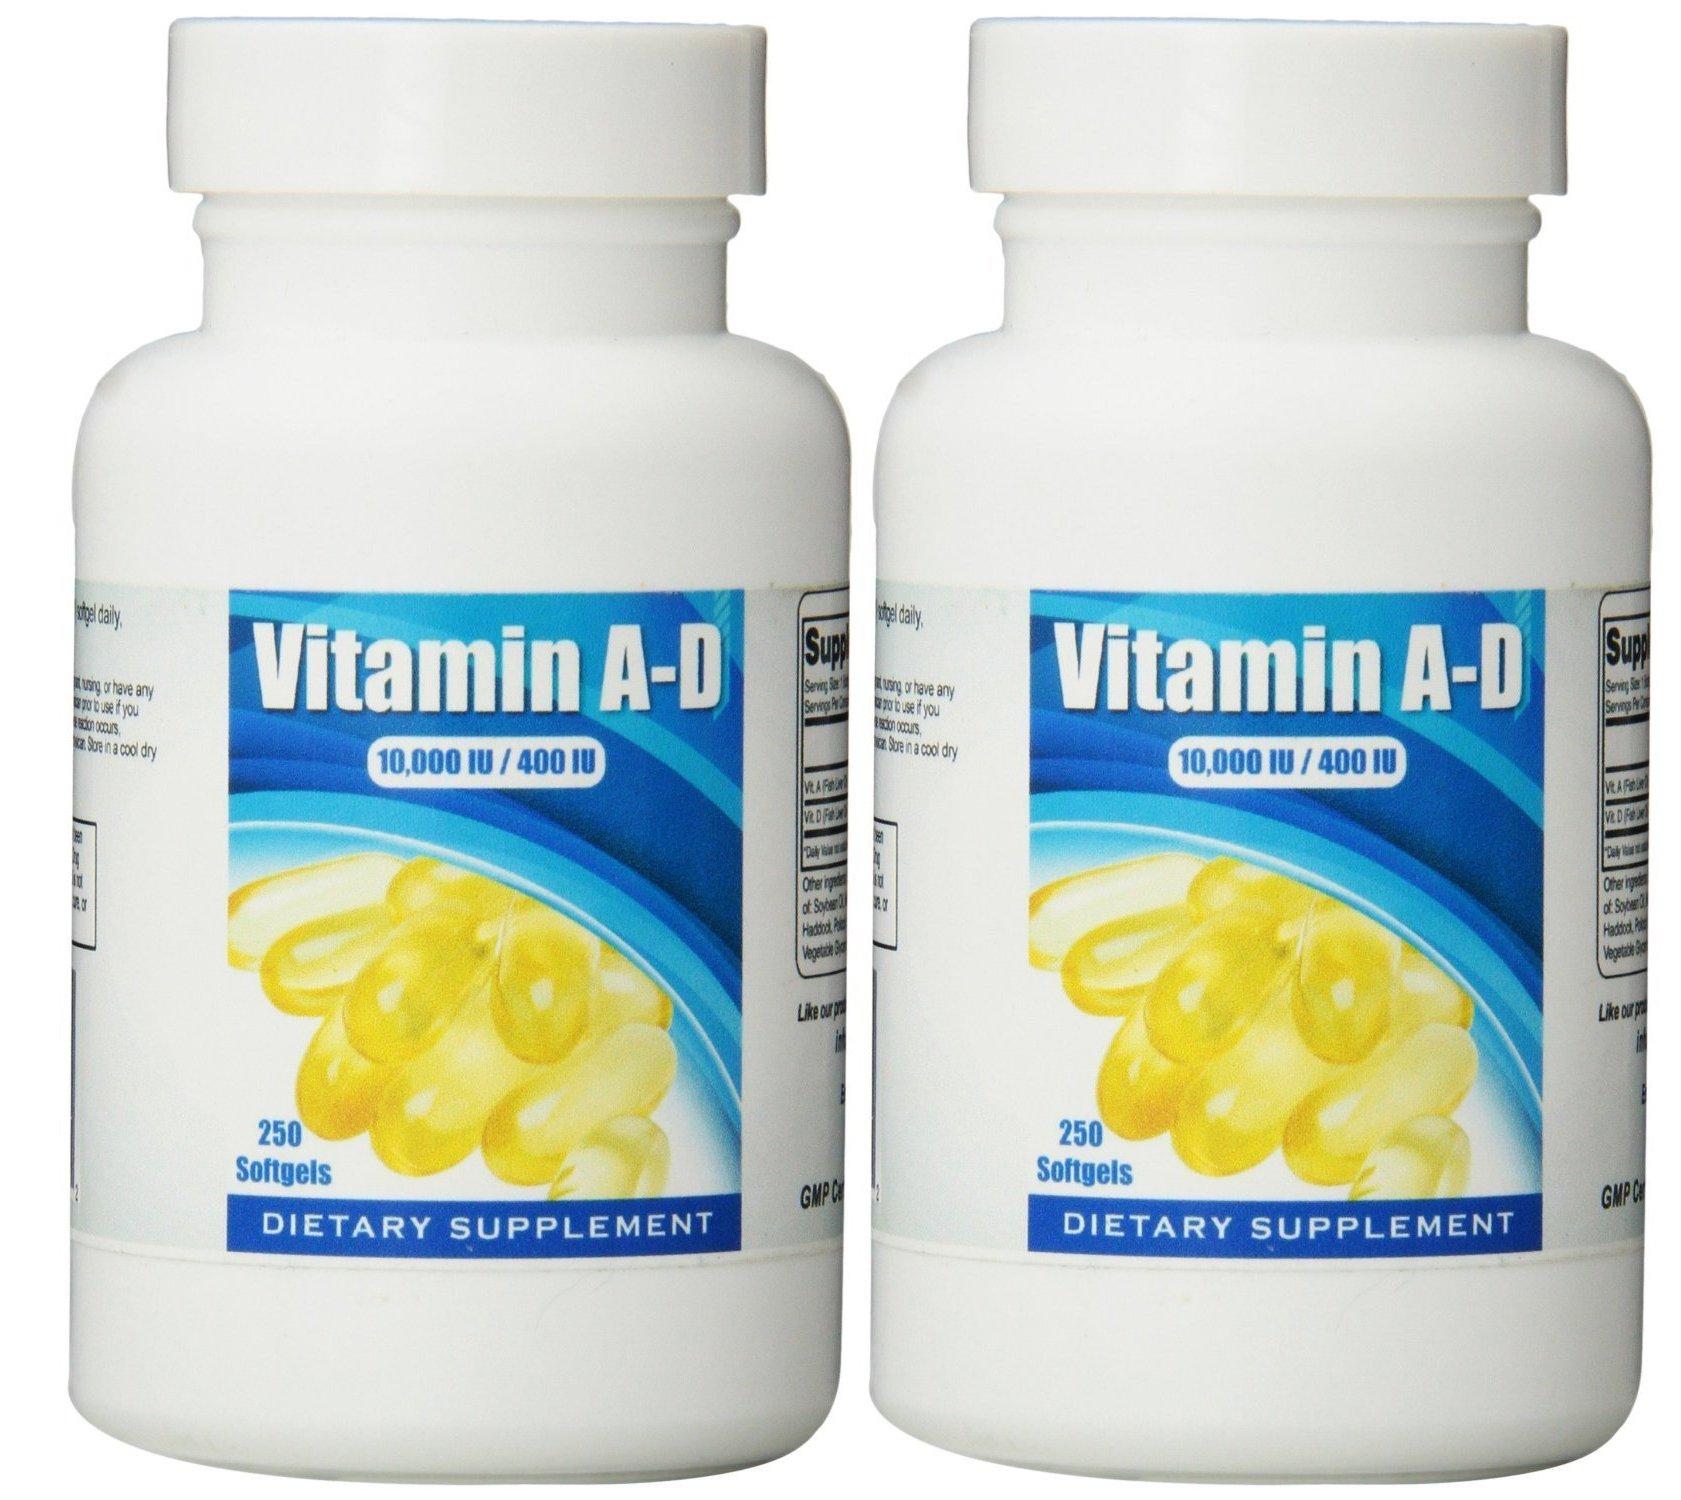 Eden Pond Vitamin A-D Softgels, 250 Capsules, 2 Count